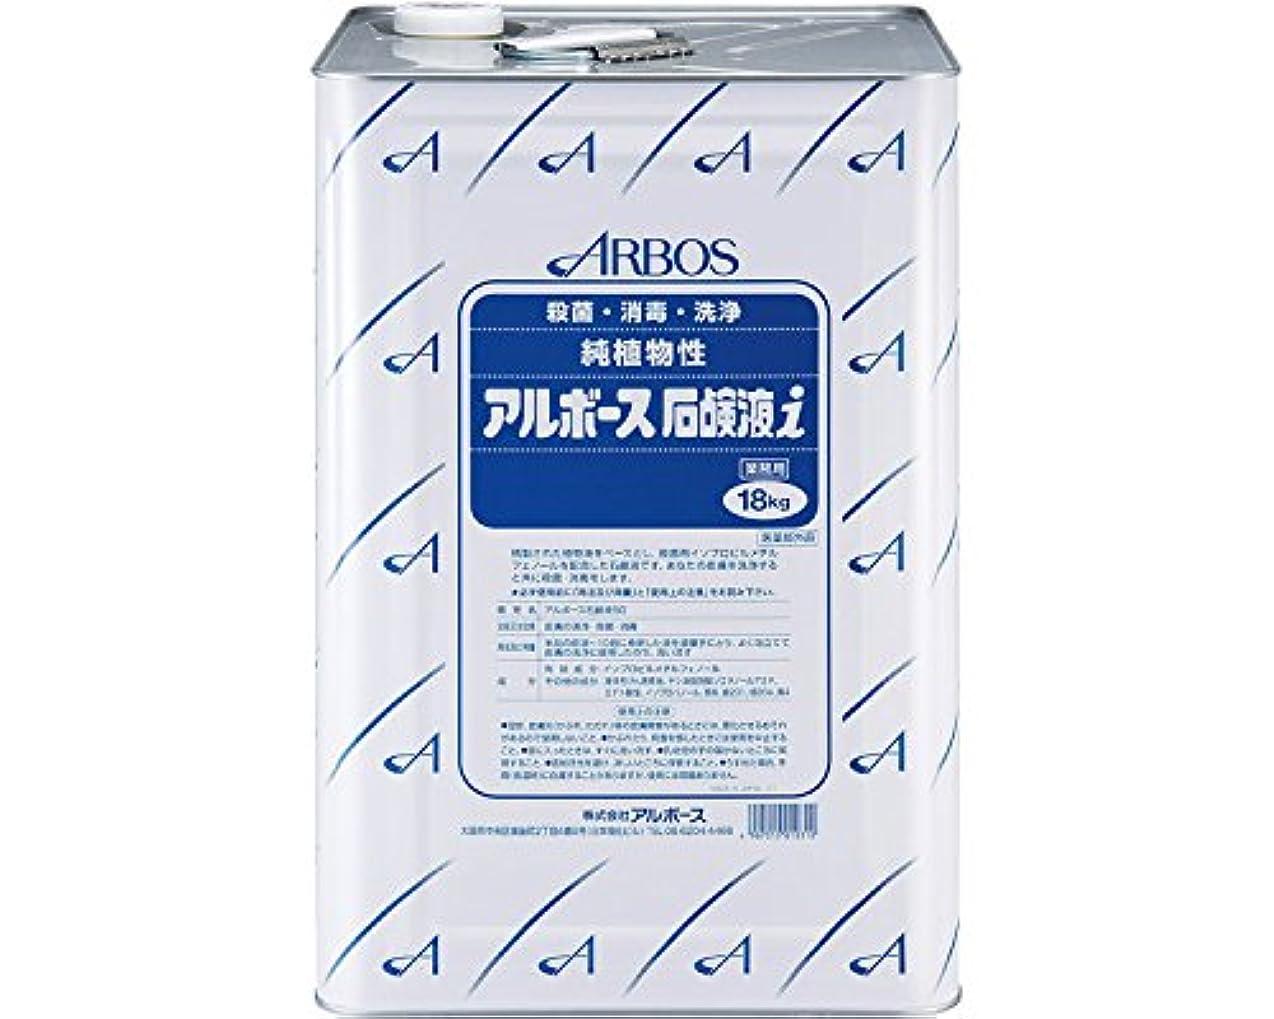 競争力のあるリルあいまいアルボース石鹸液i 18kg (アルボース)